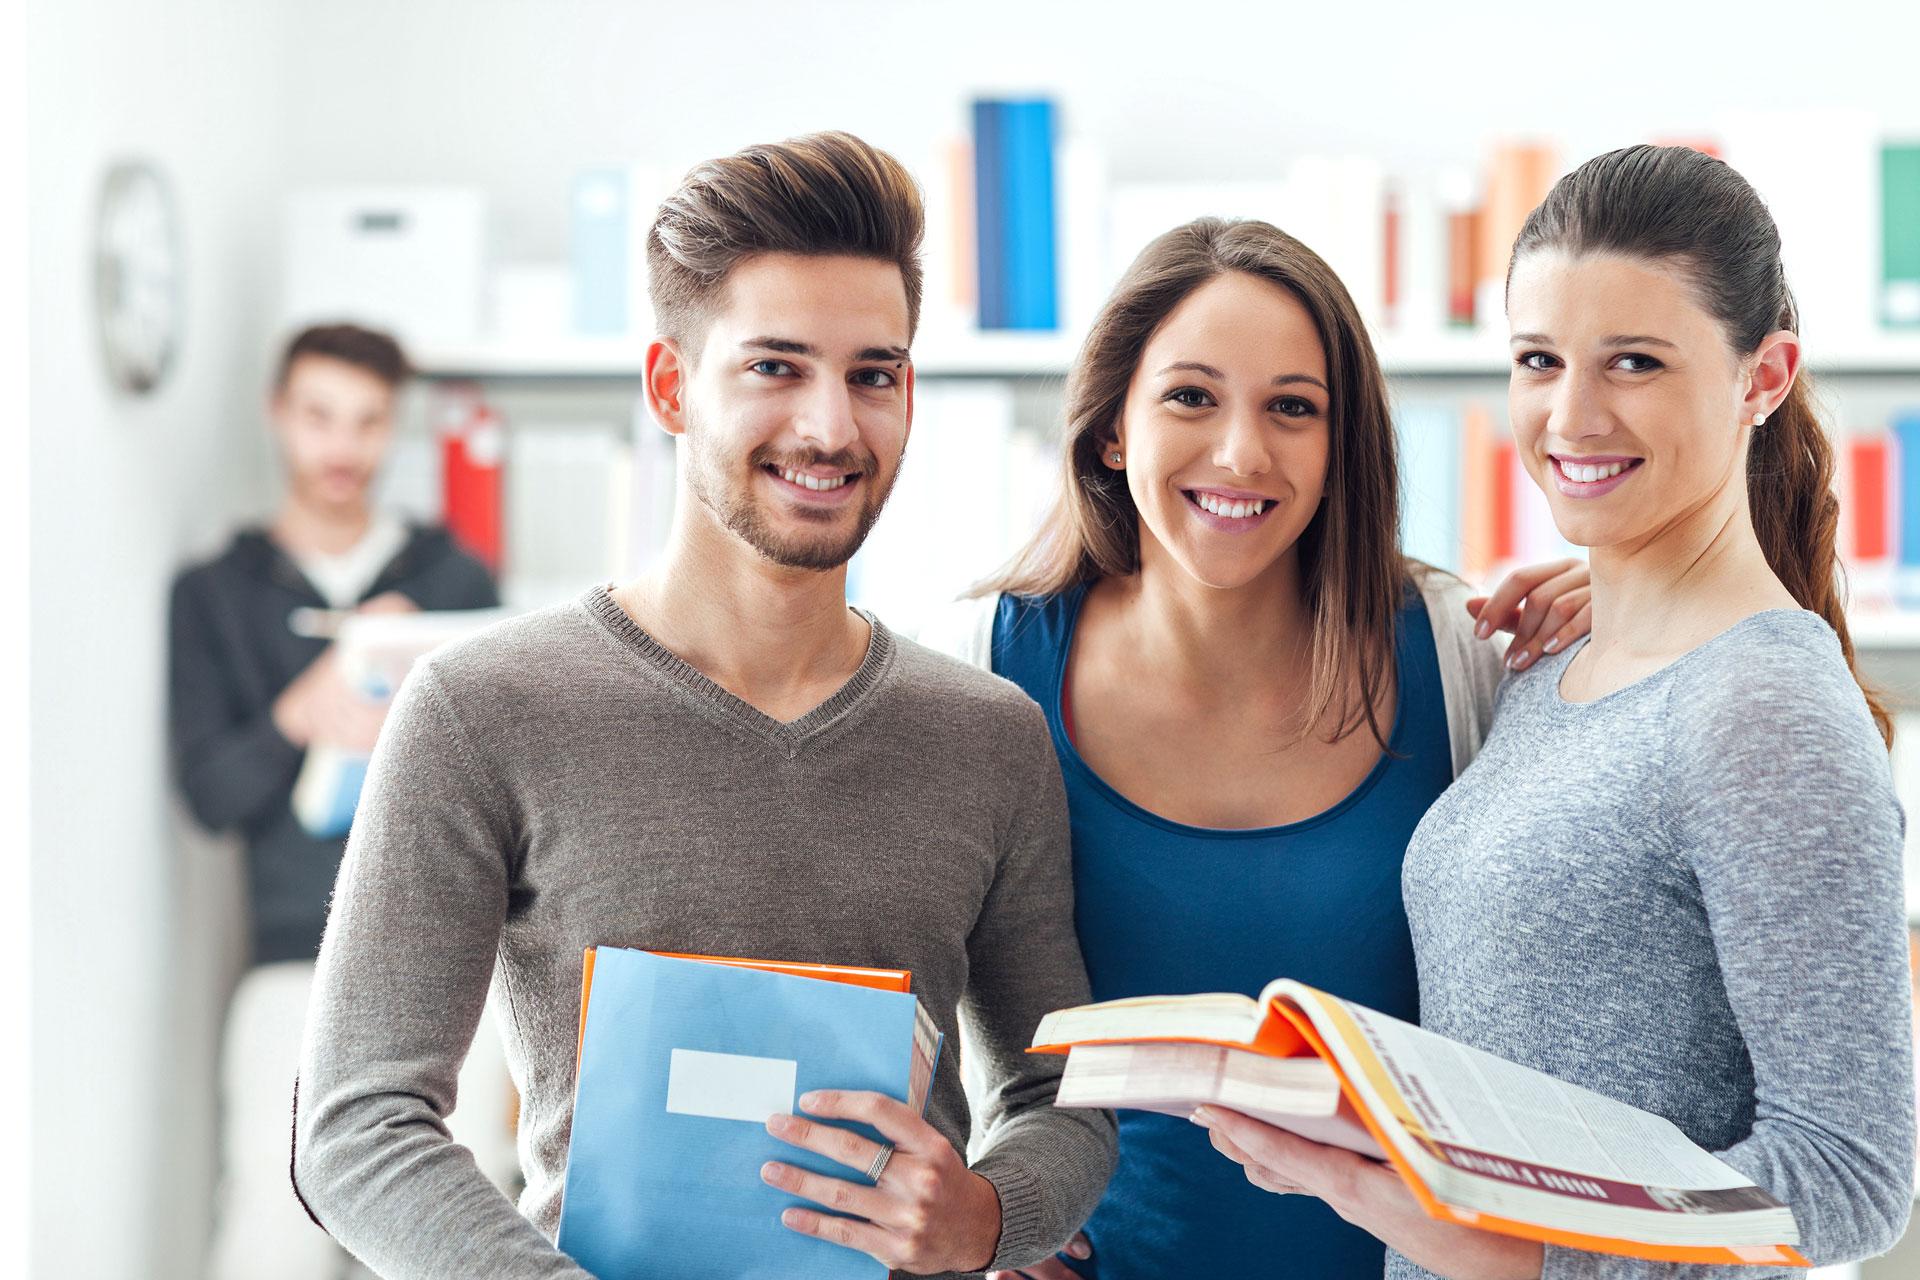 Drei Schüler schauen in die Kamera